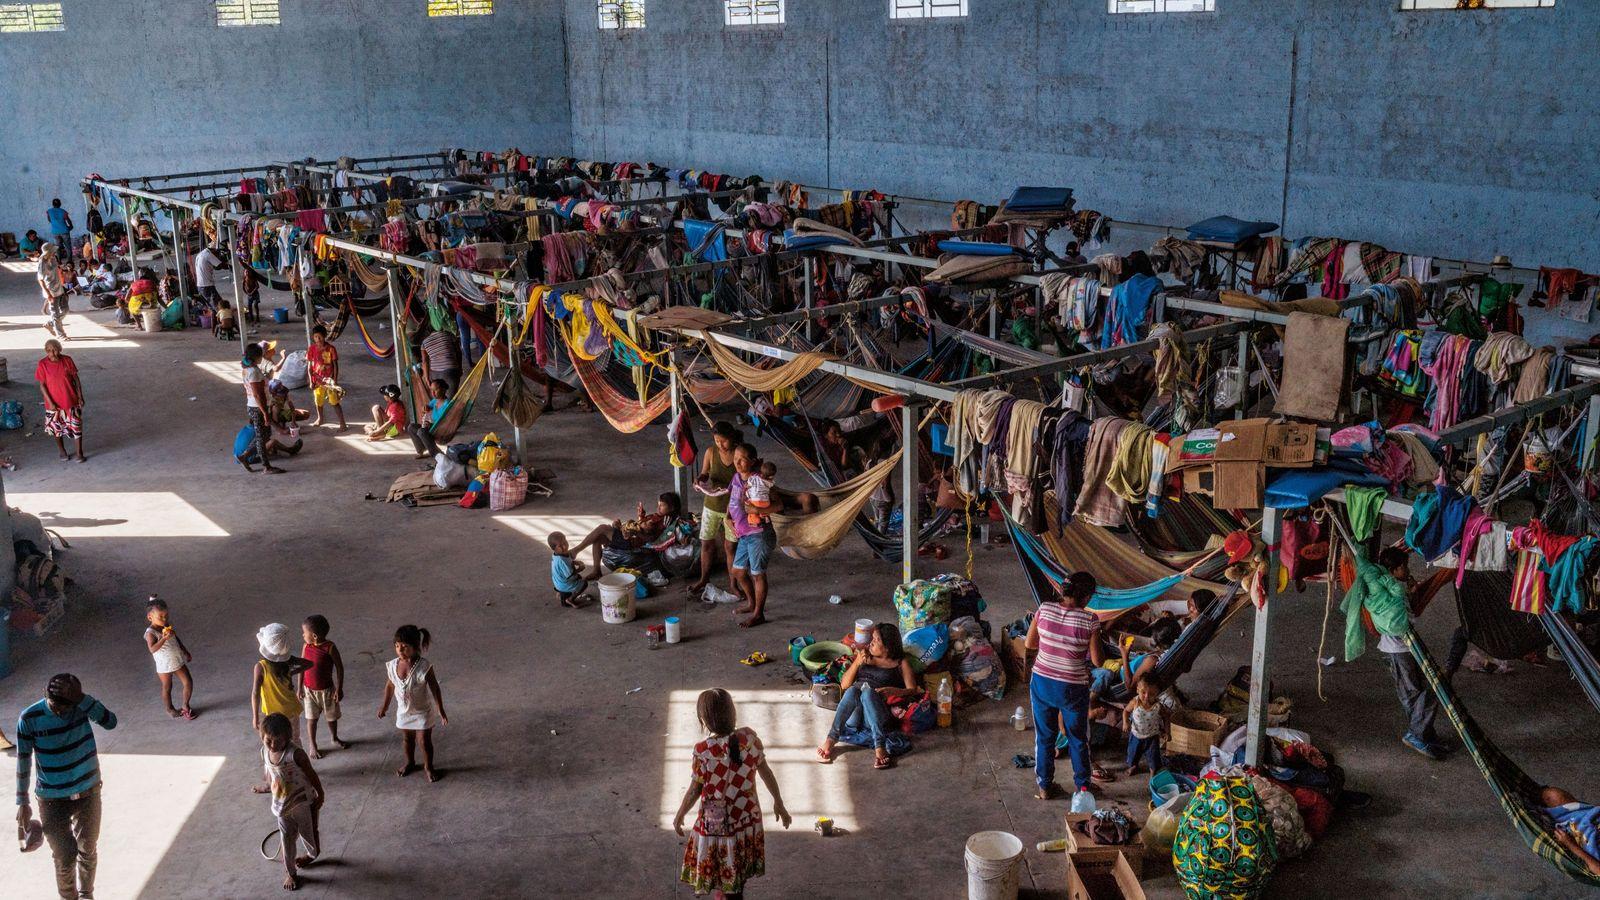 Environ 500 membres de la tribu des Warao vivent sur une aire en béton, munie de ...